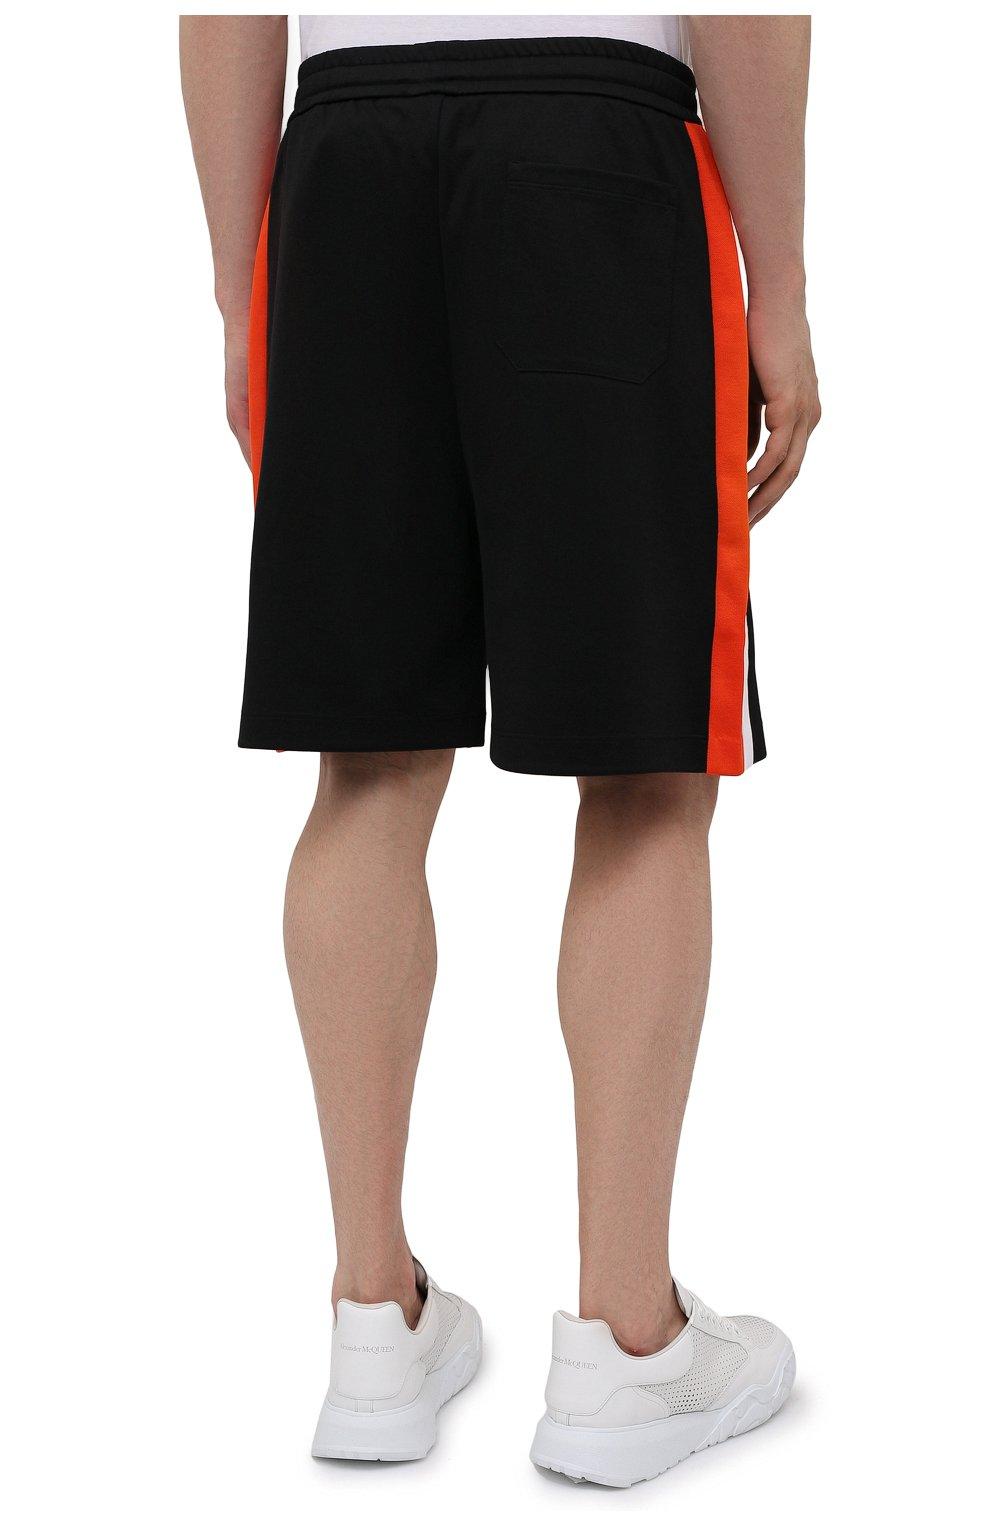 Мужские хлопковые шорты VALENTINO черного цвета, арт. WV3MD03D7LY | Фото 4 (Принт: Без принта; Длина Шорты М: Ниже колена; Материал внешний: Синтетический материал, Хлопок; Кросс-КТ: Трикотаж; Стили: Спорт-шик)